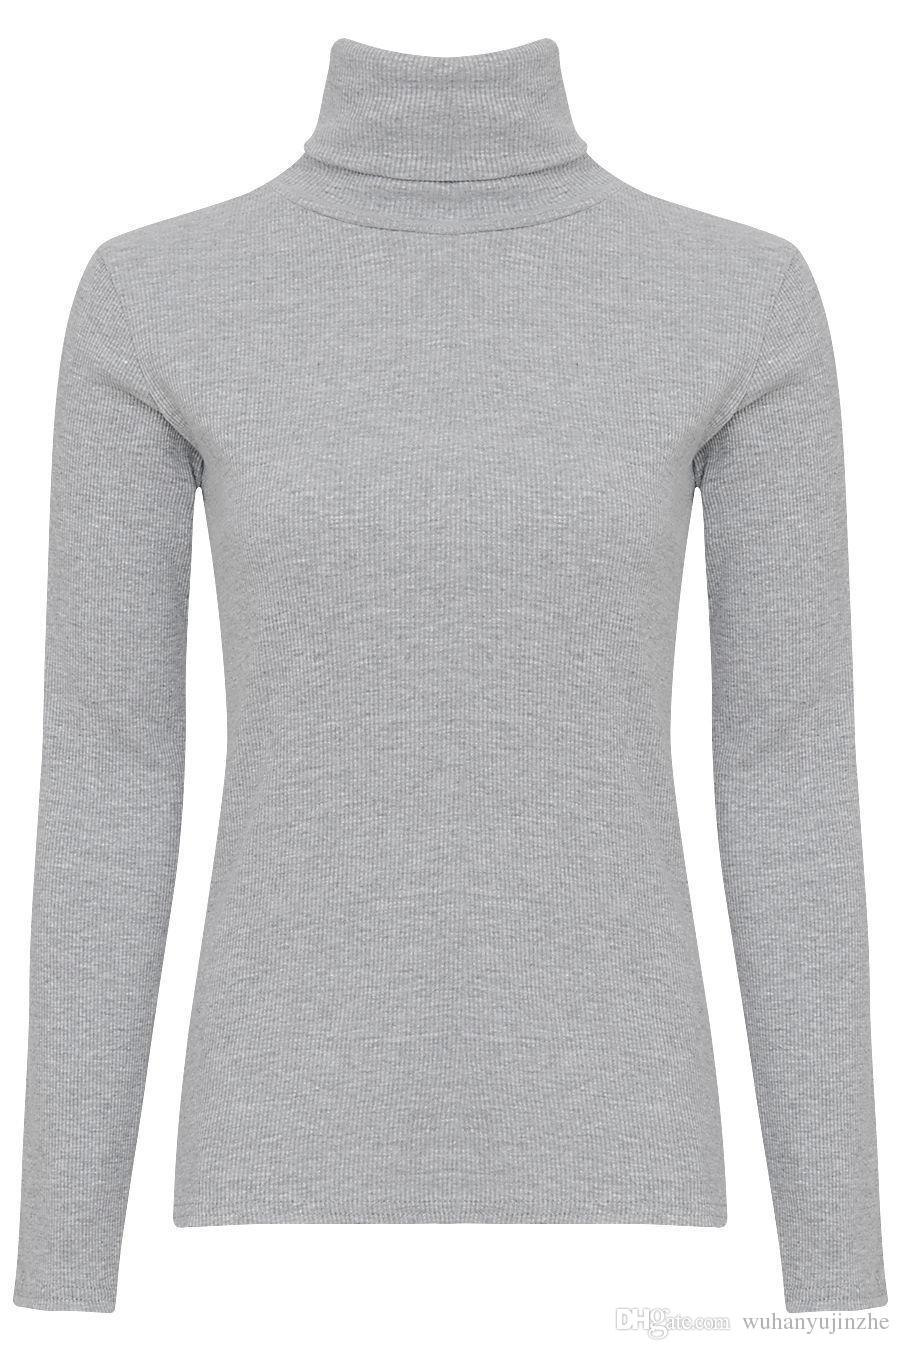 YENI Bayan Bayanlar Nervürlü Pamuk Bluzlar Rulo Yüksek Boyun Polo Kaplumbağa Üst Jumper Tam Kollu Gömlek CL177